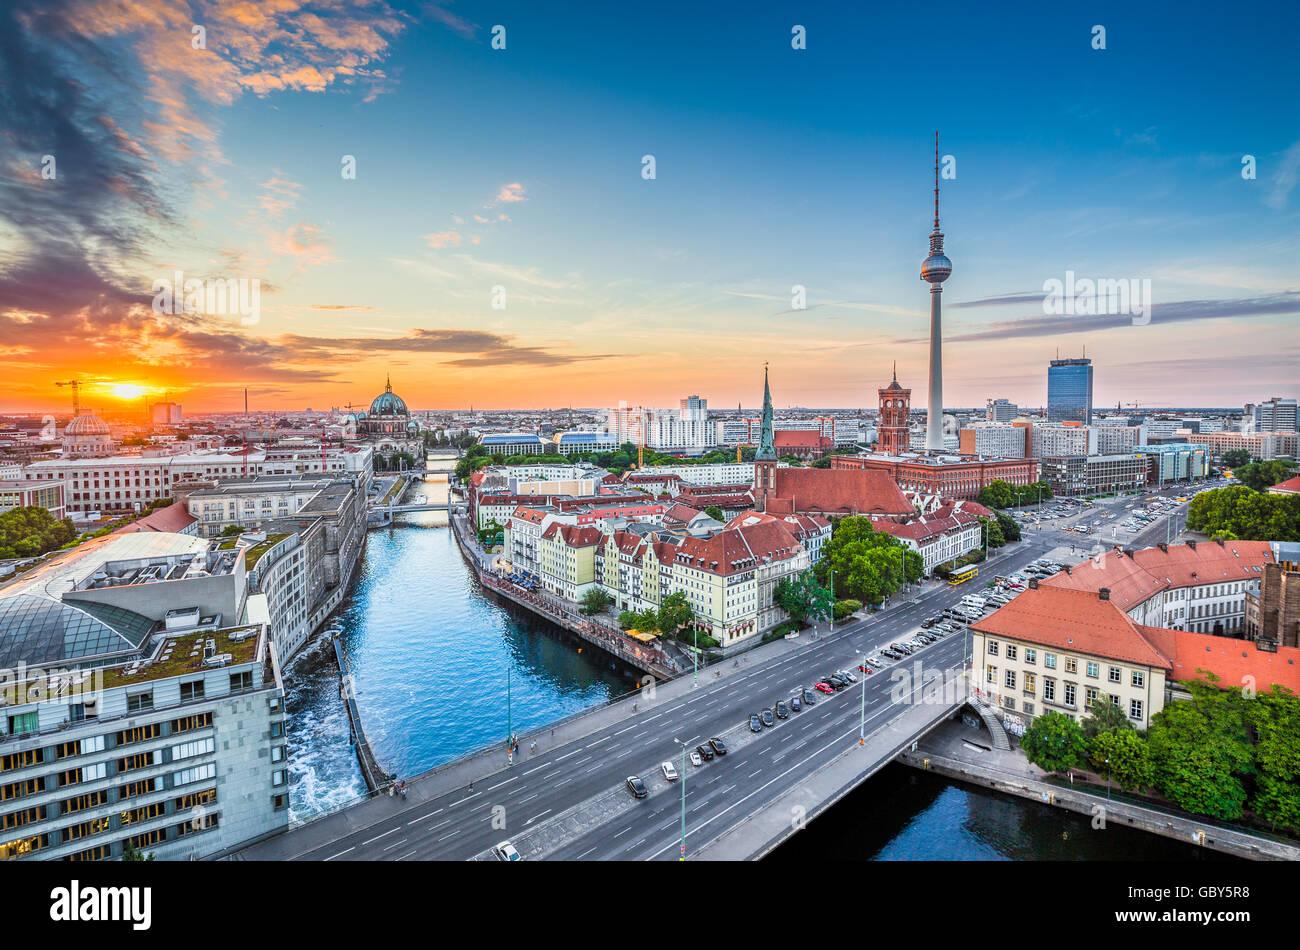 Vista aerea della skyline di Berlino con la famosa torre della televisione e il fiume Sprea, in bella luce della Immagini Stock